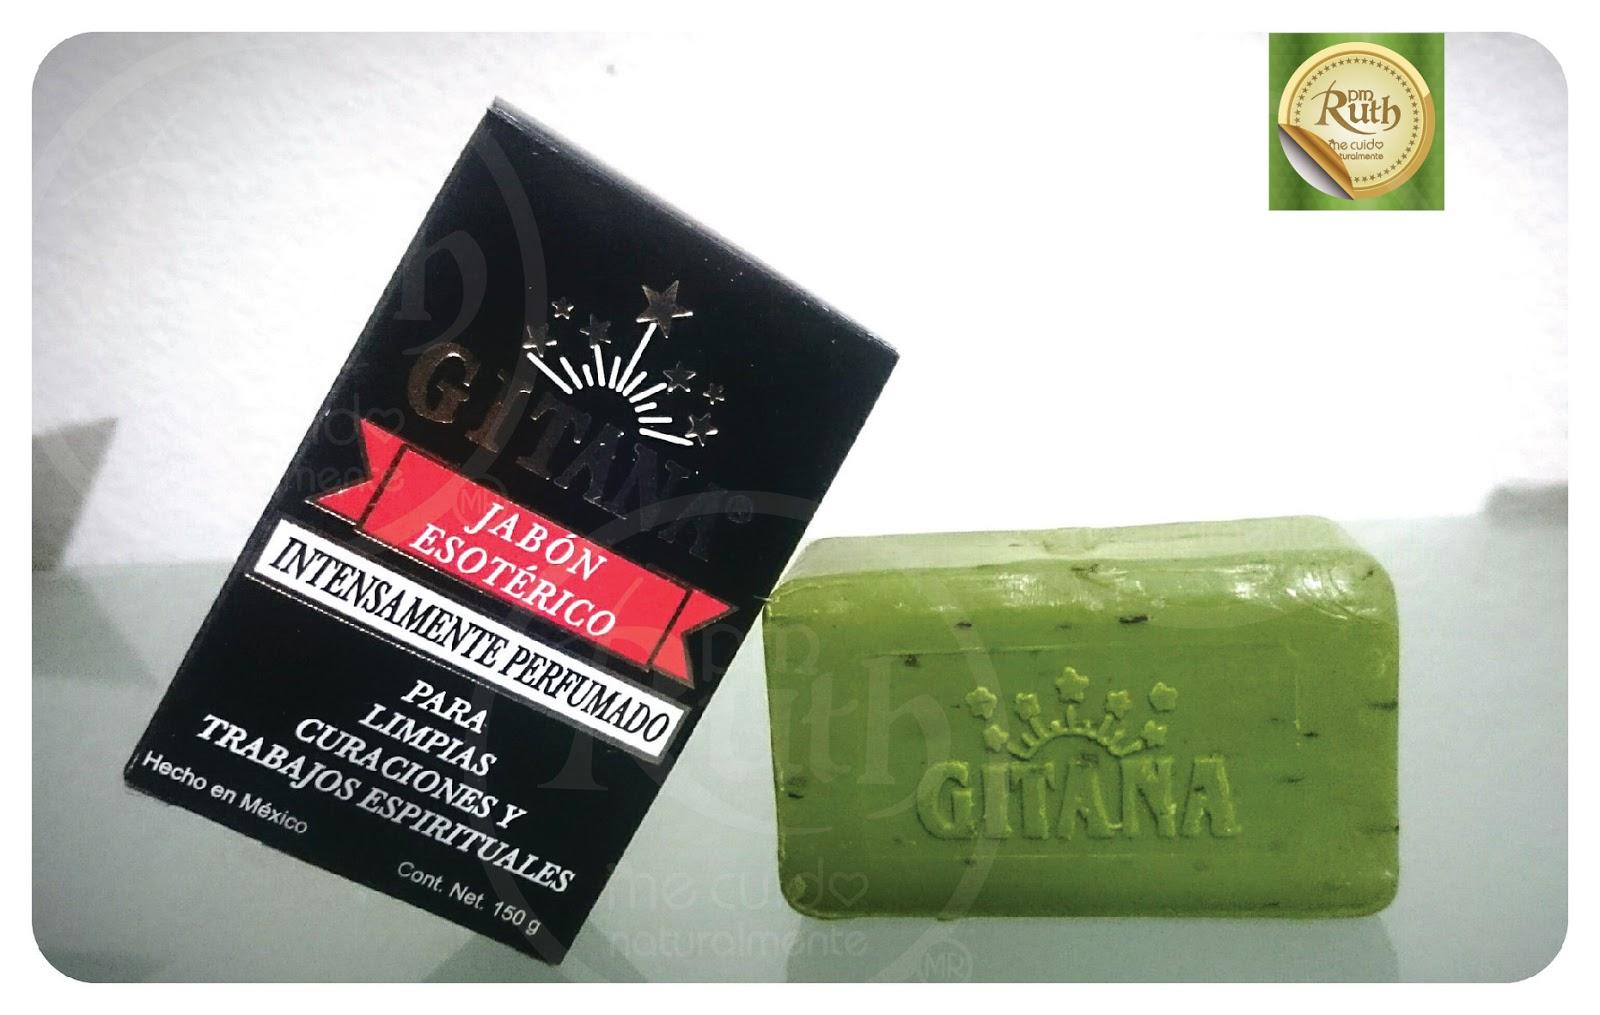 Plantas medicinales ruth productos originales la gitana - Productos de la india ...